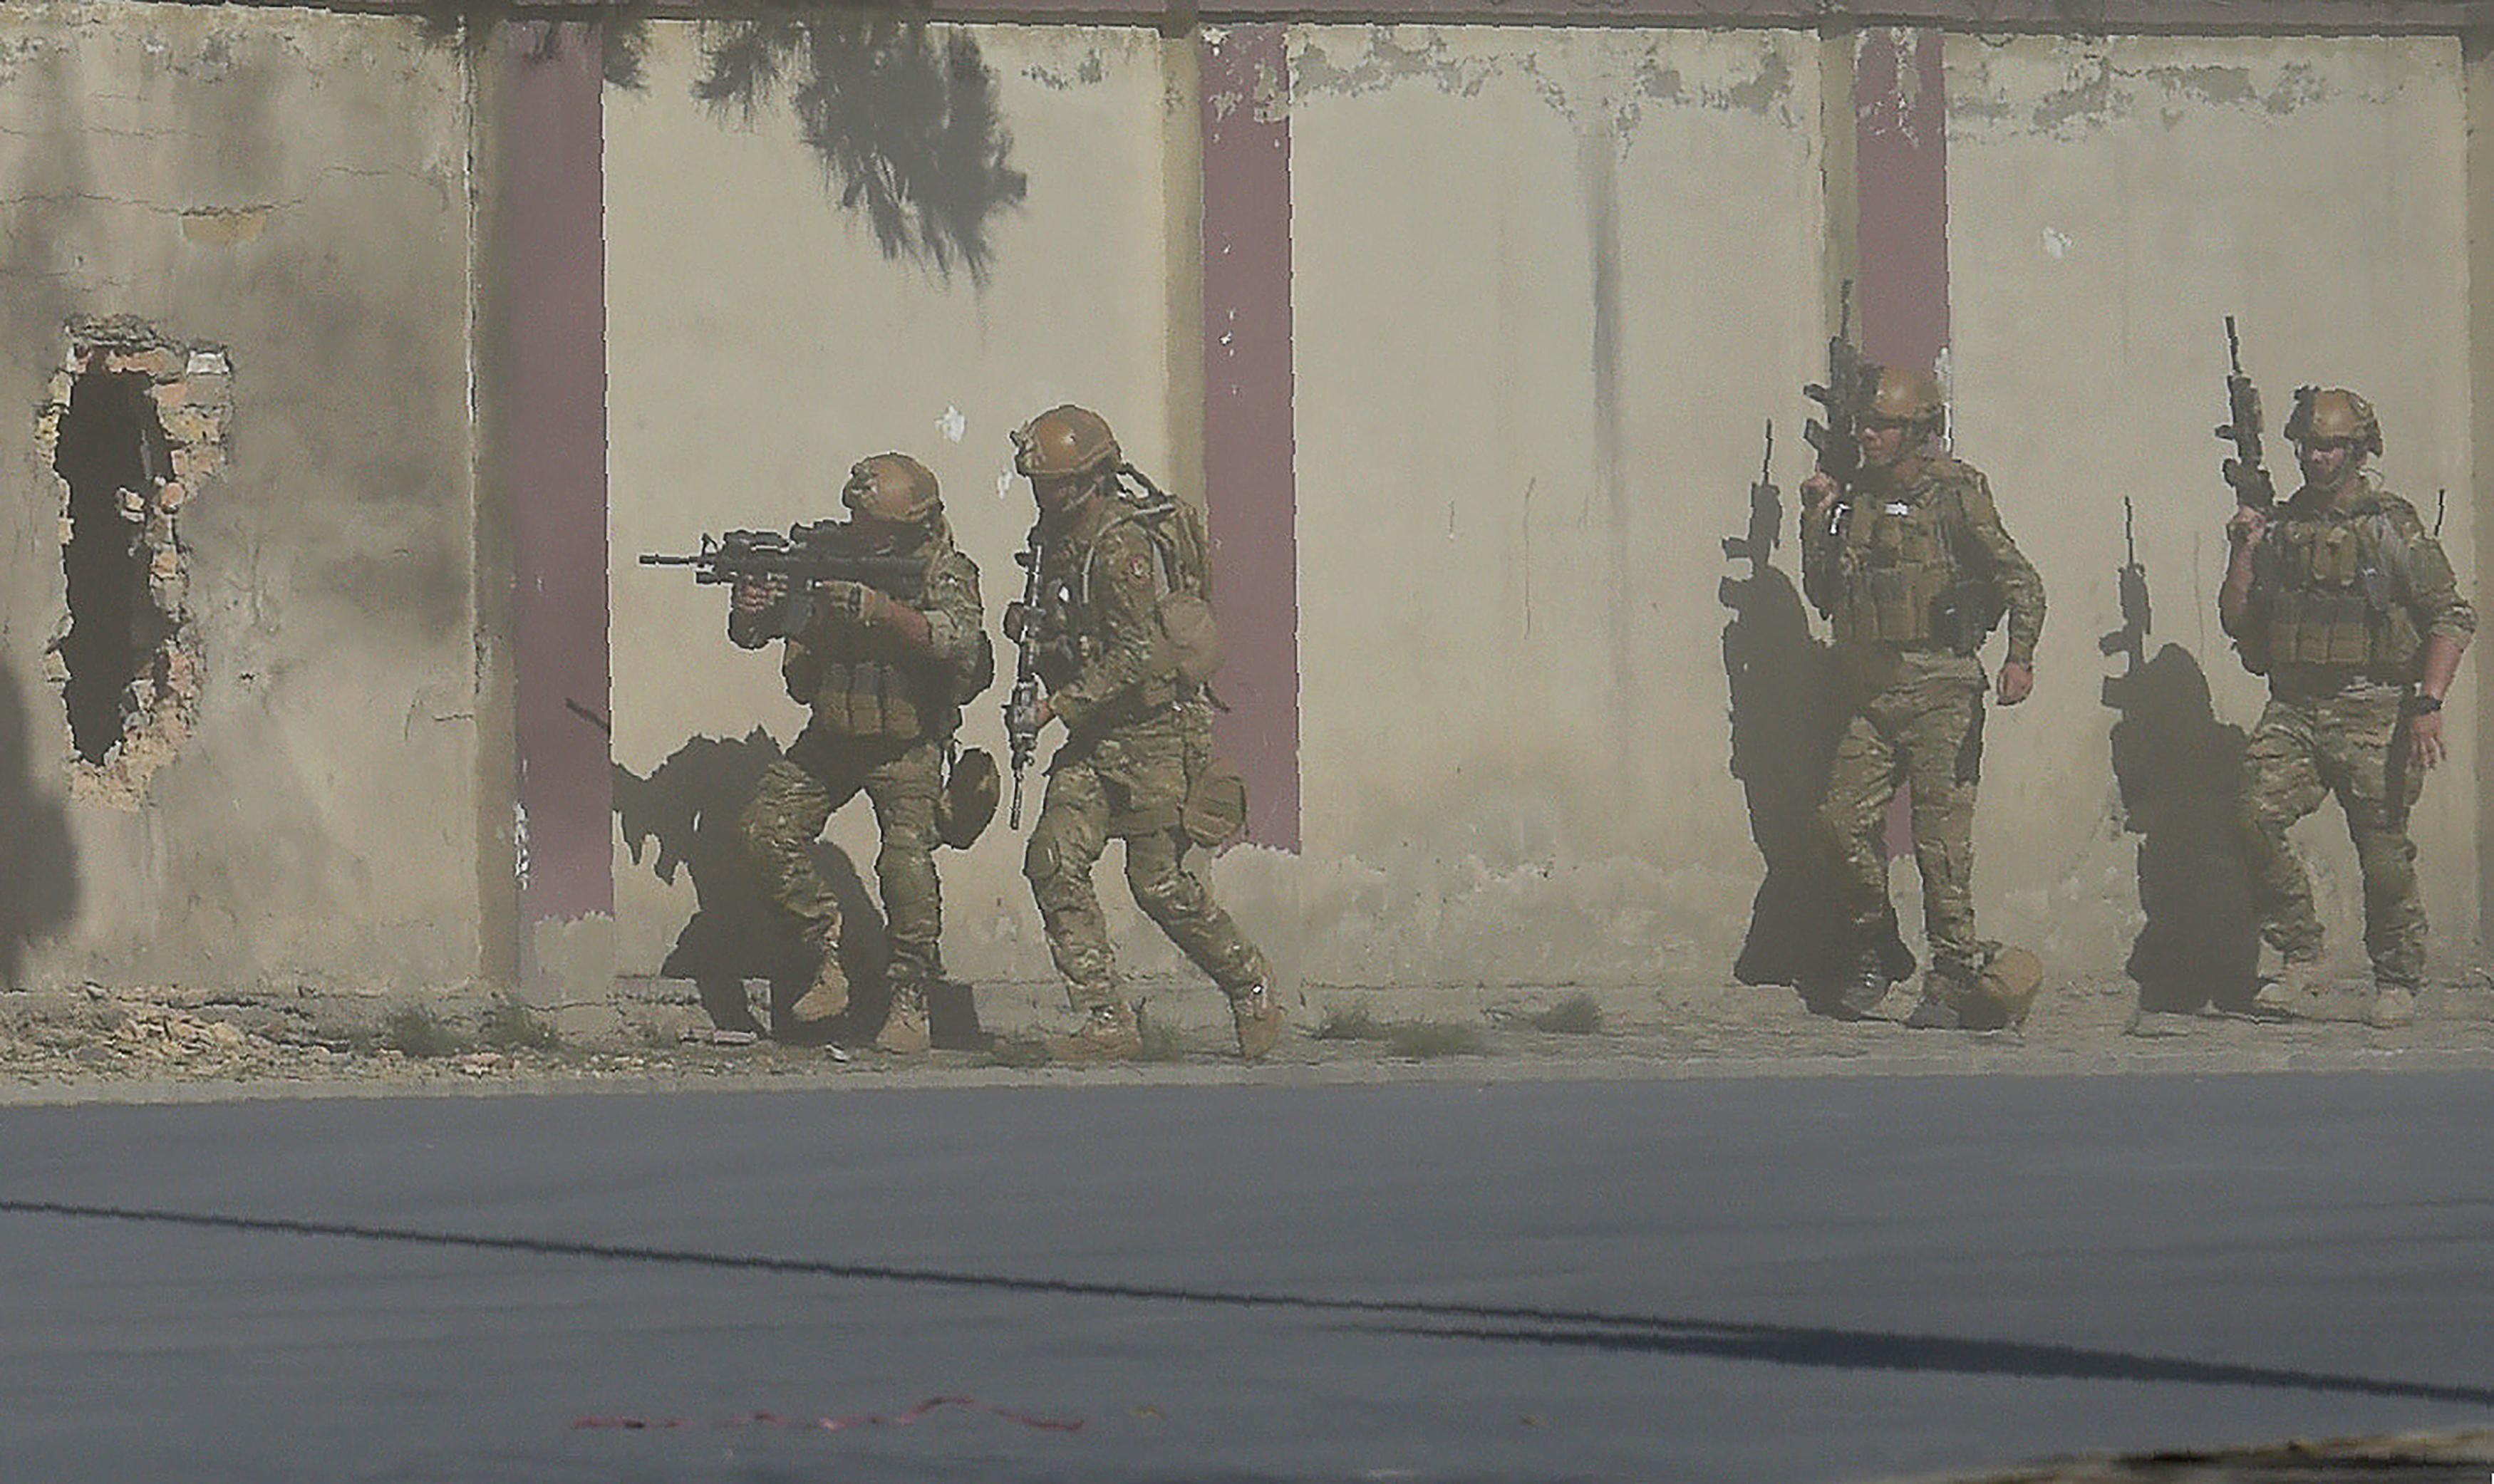 پر تلوېزیون سټېشن د داعش له برید څخه وروسته ژورنالست وویل 'هغوی نشي کولی چې زمونږ غږ چوپ کړي'